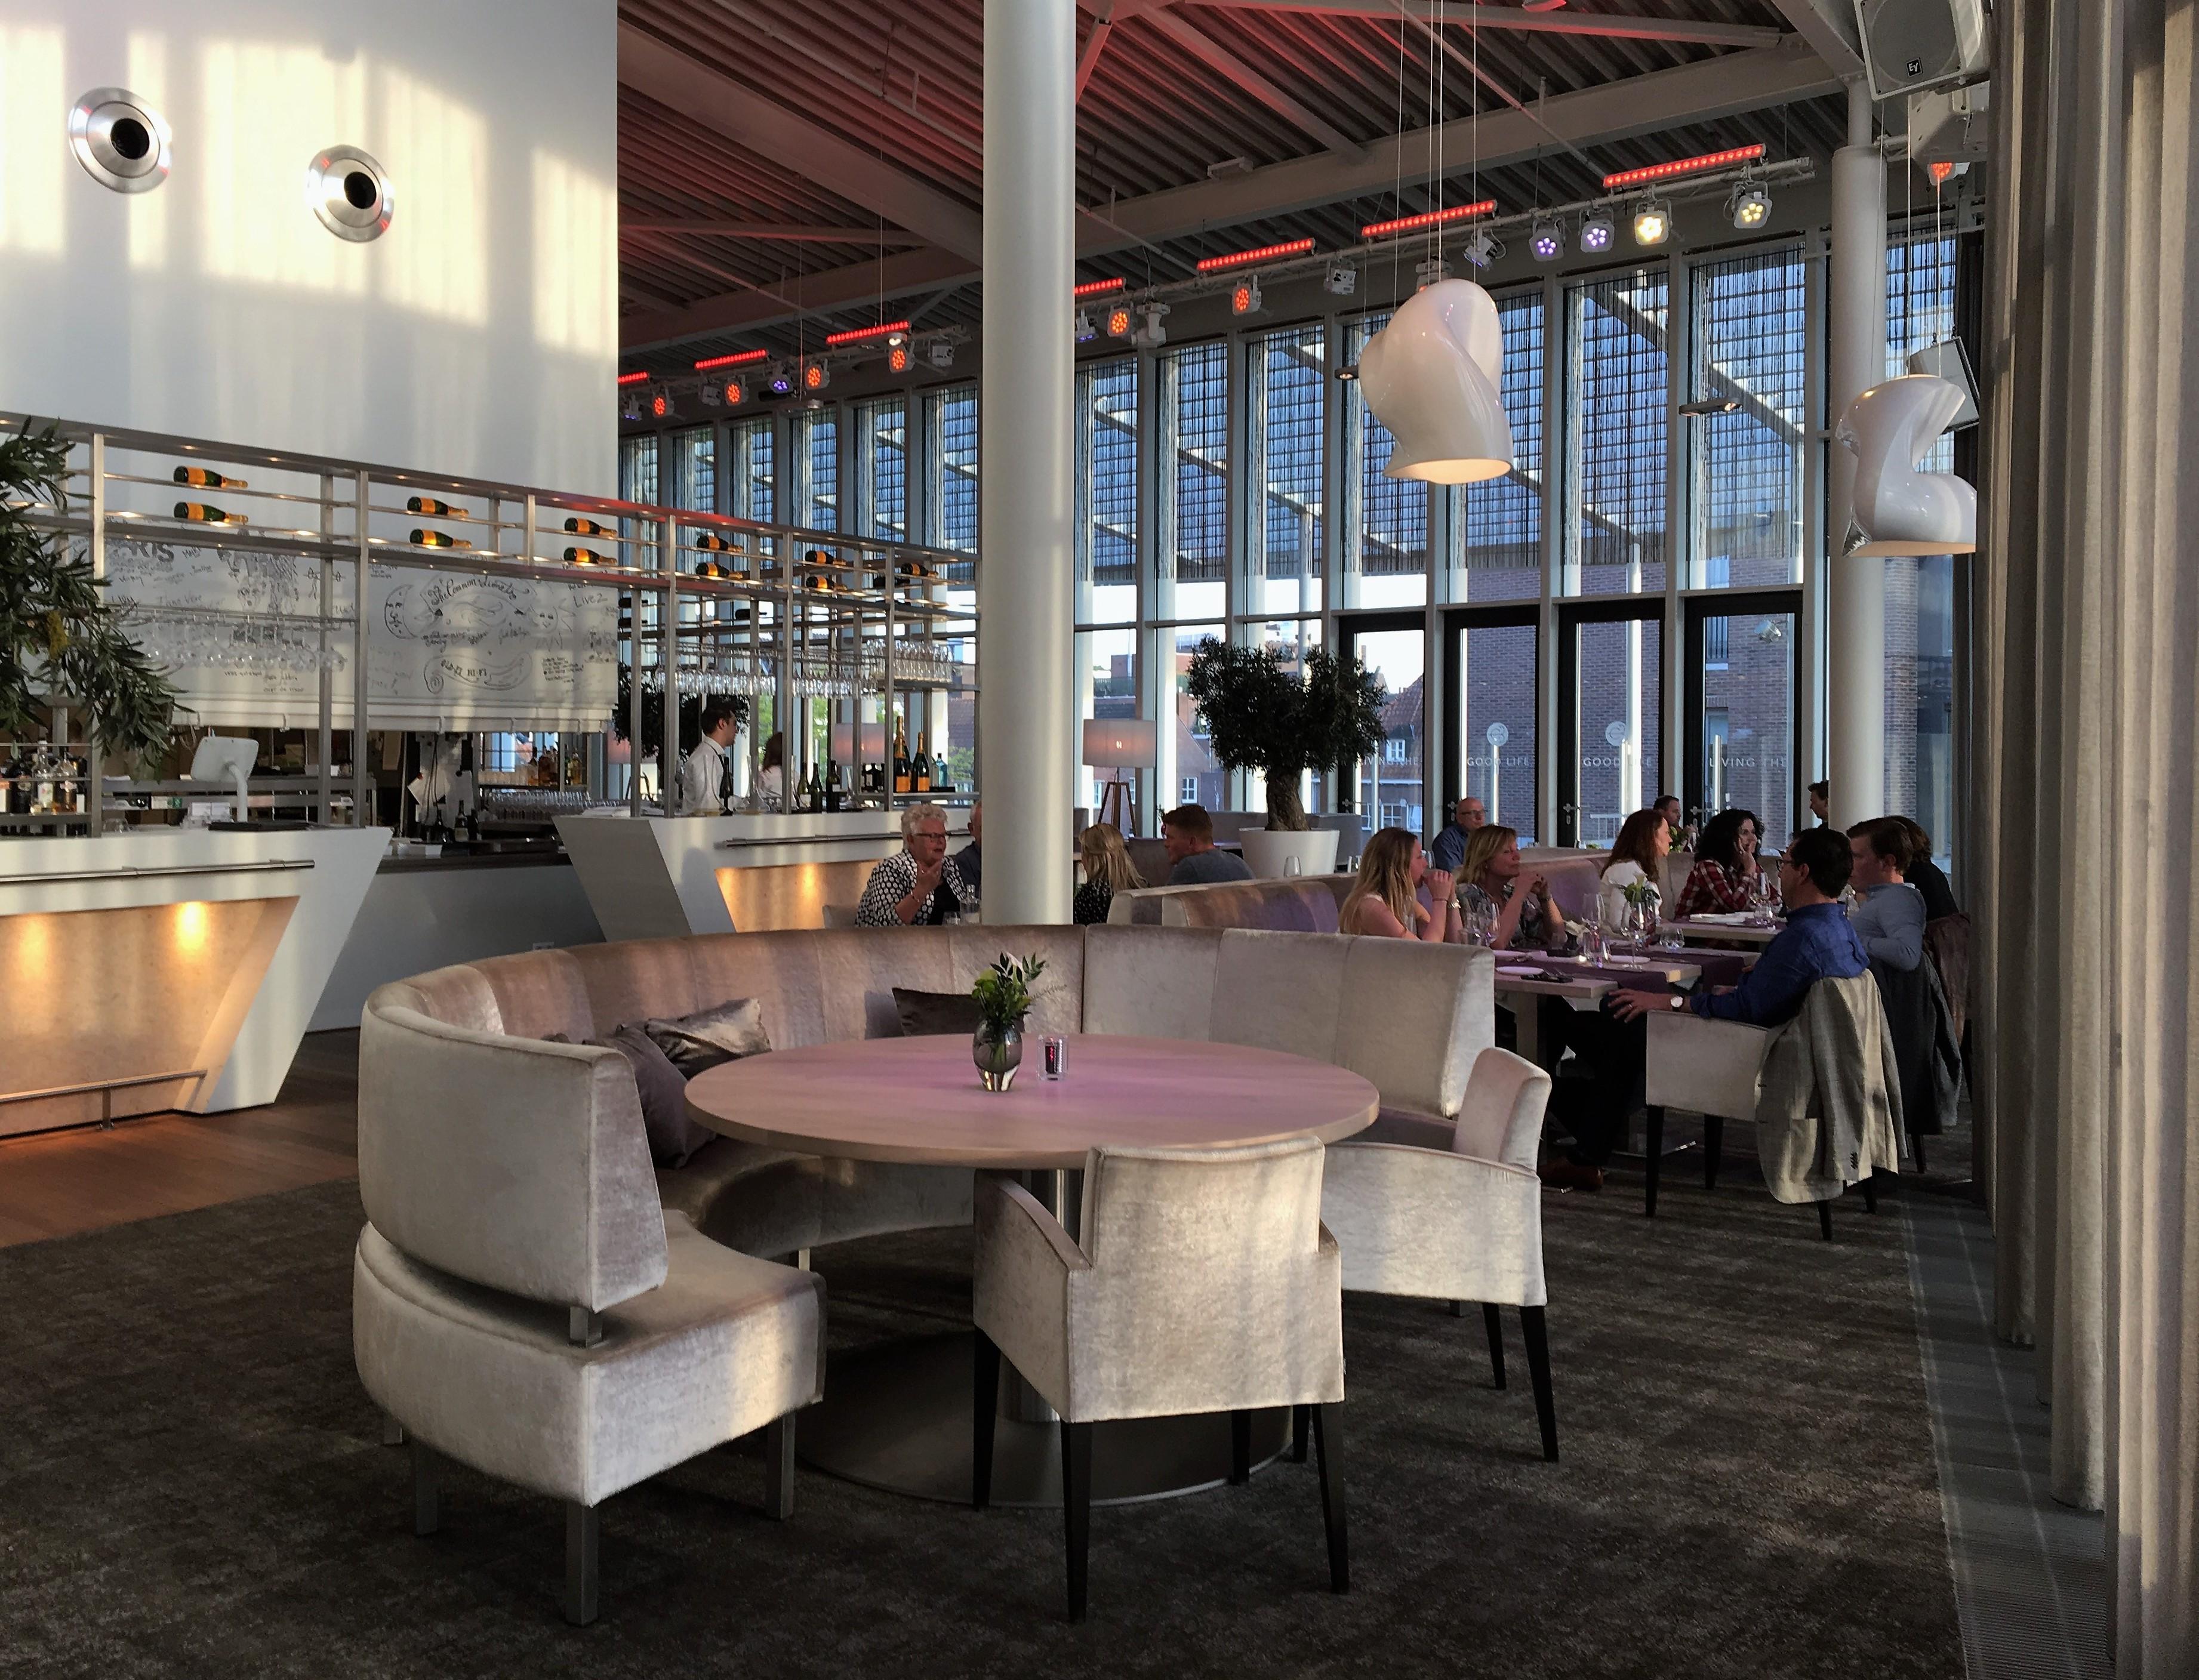 Kwaliteitsrestaurant in het theater van Venlo met prijswinnend Scheutenterras